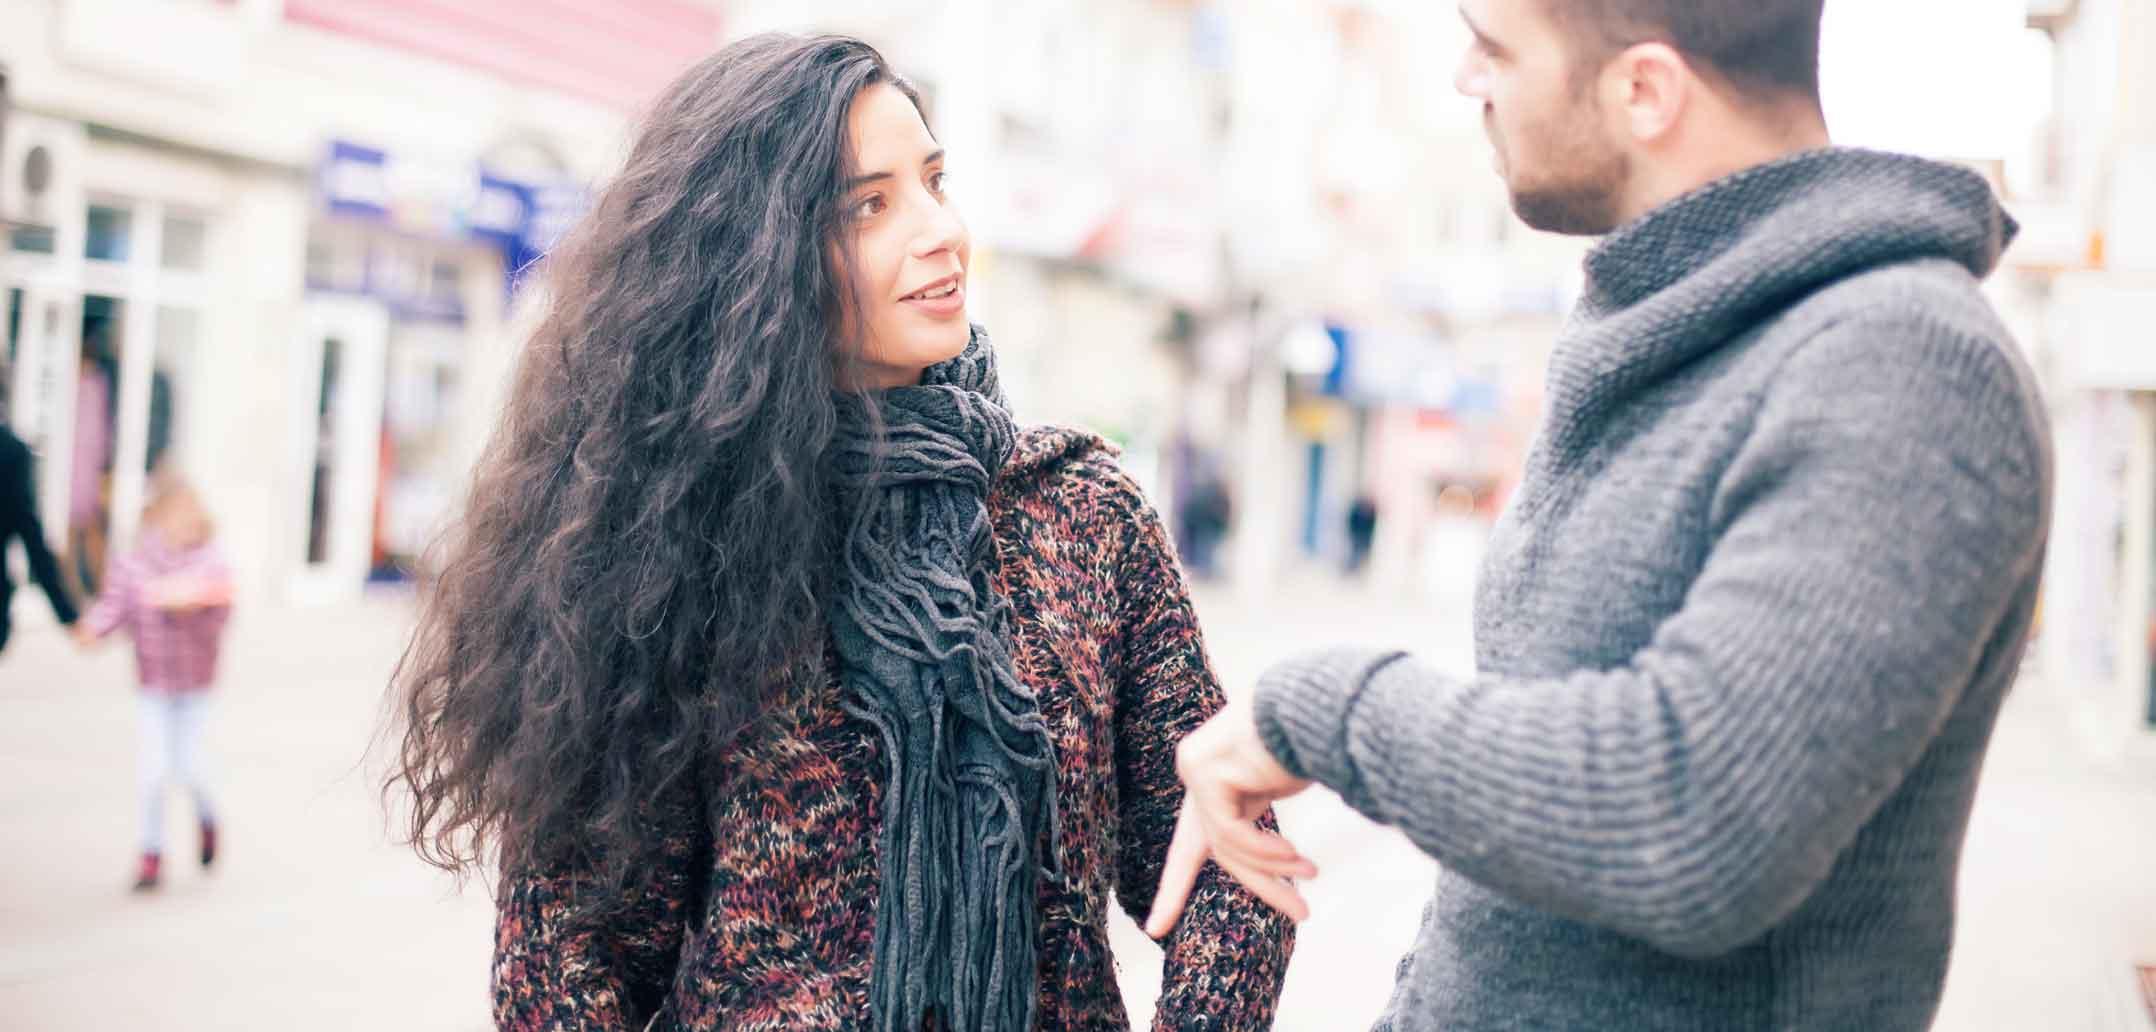 Warum sind Frauen in Beziehungen so unsicher?